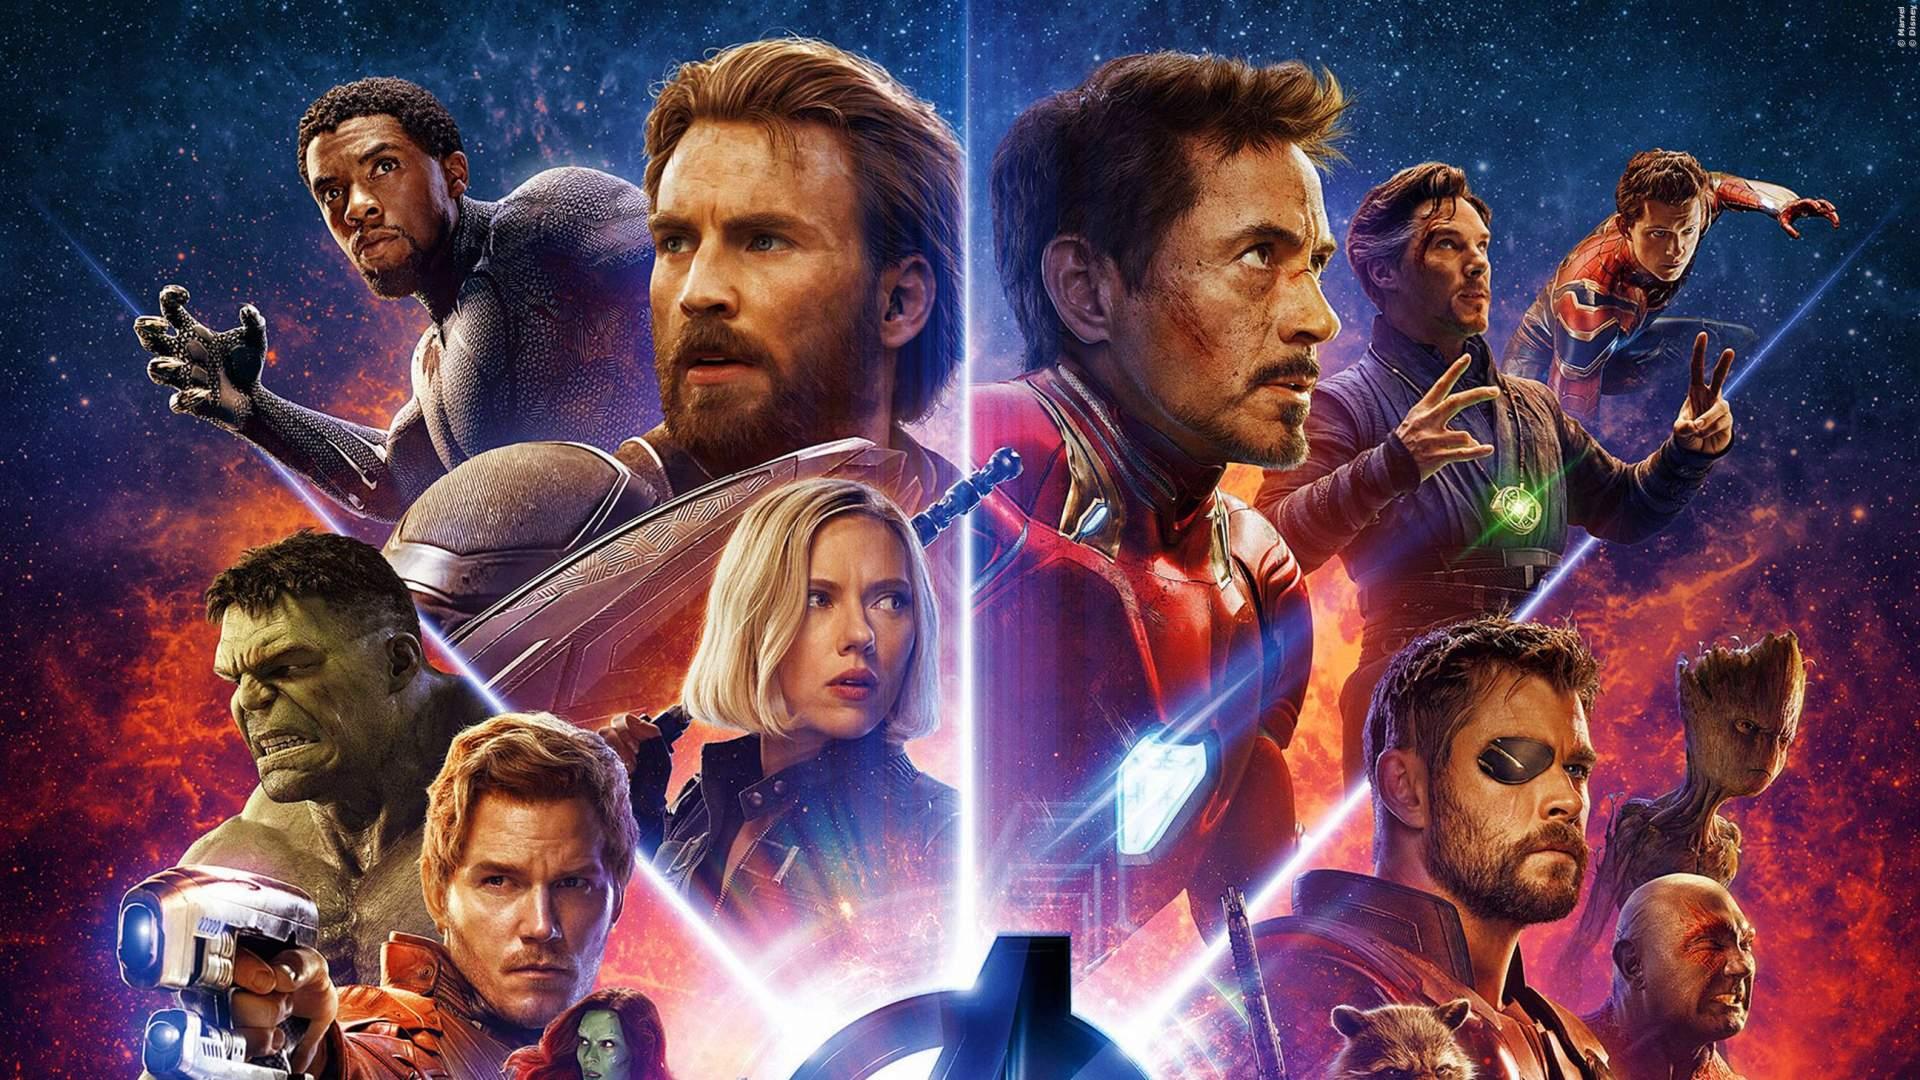 AVENGERS: Die einzige Reihenfolge, in der die Marvel-Filme richtig sind